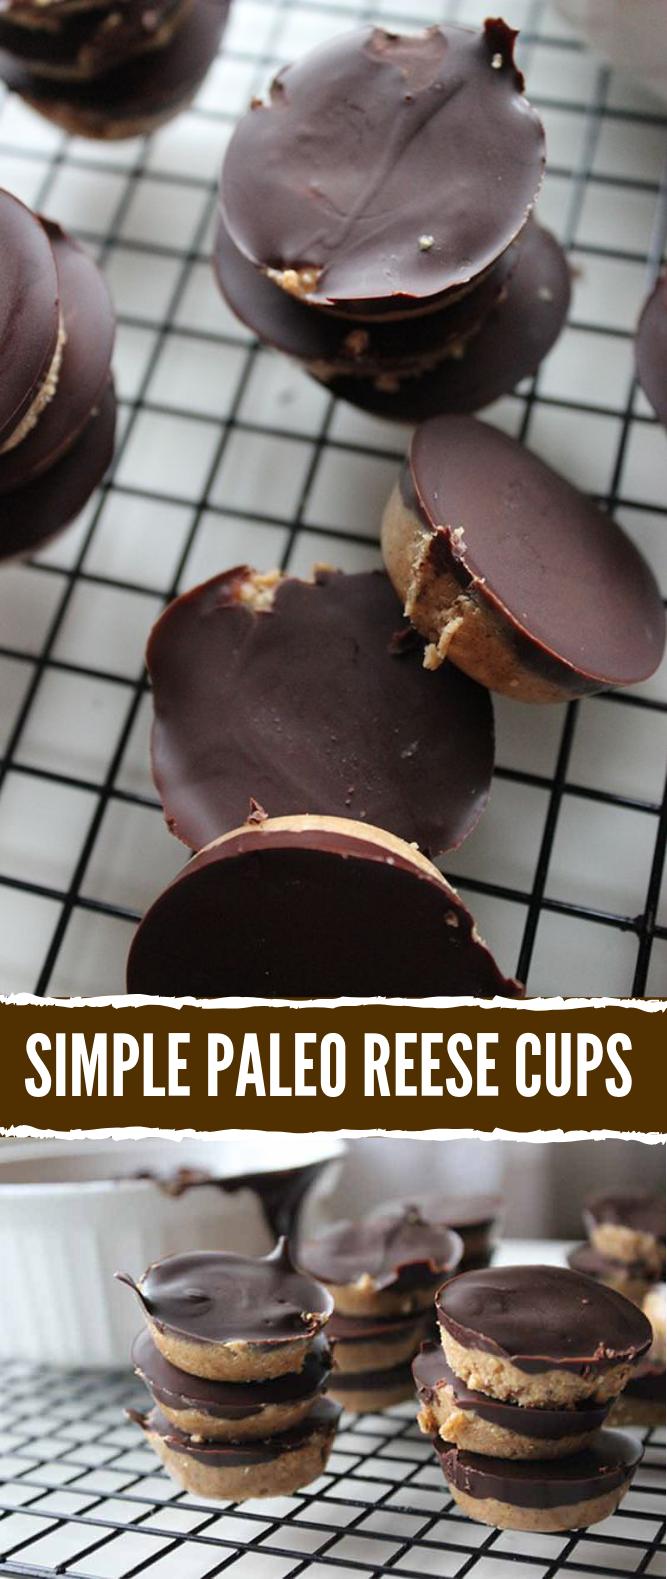 Simple Paleo Peanut Butter Cups Recipe #HealthyRecipe #glutenfree